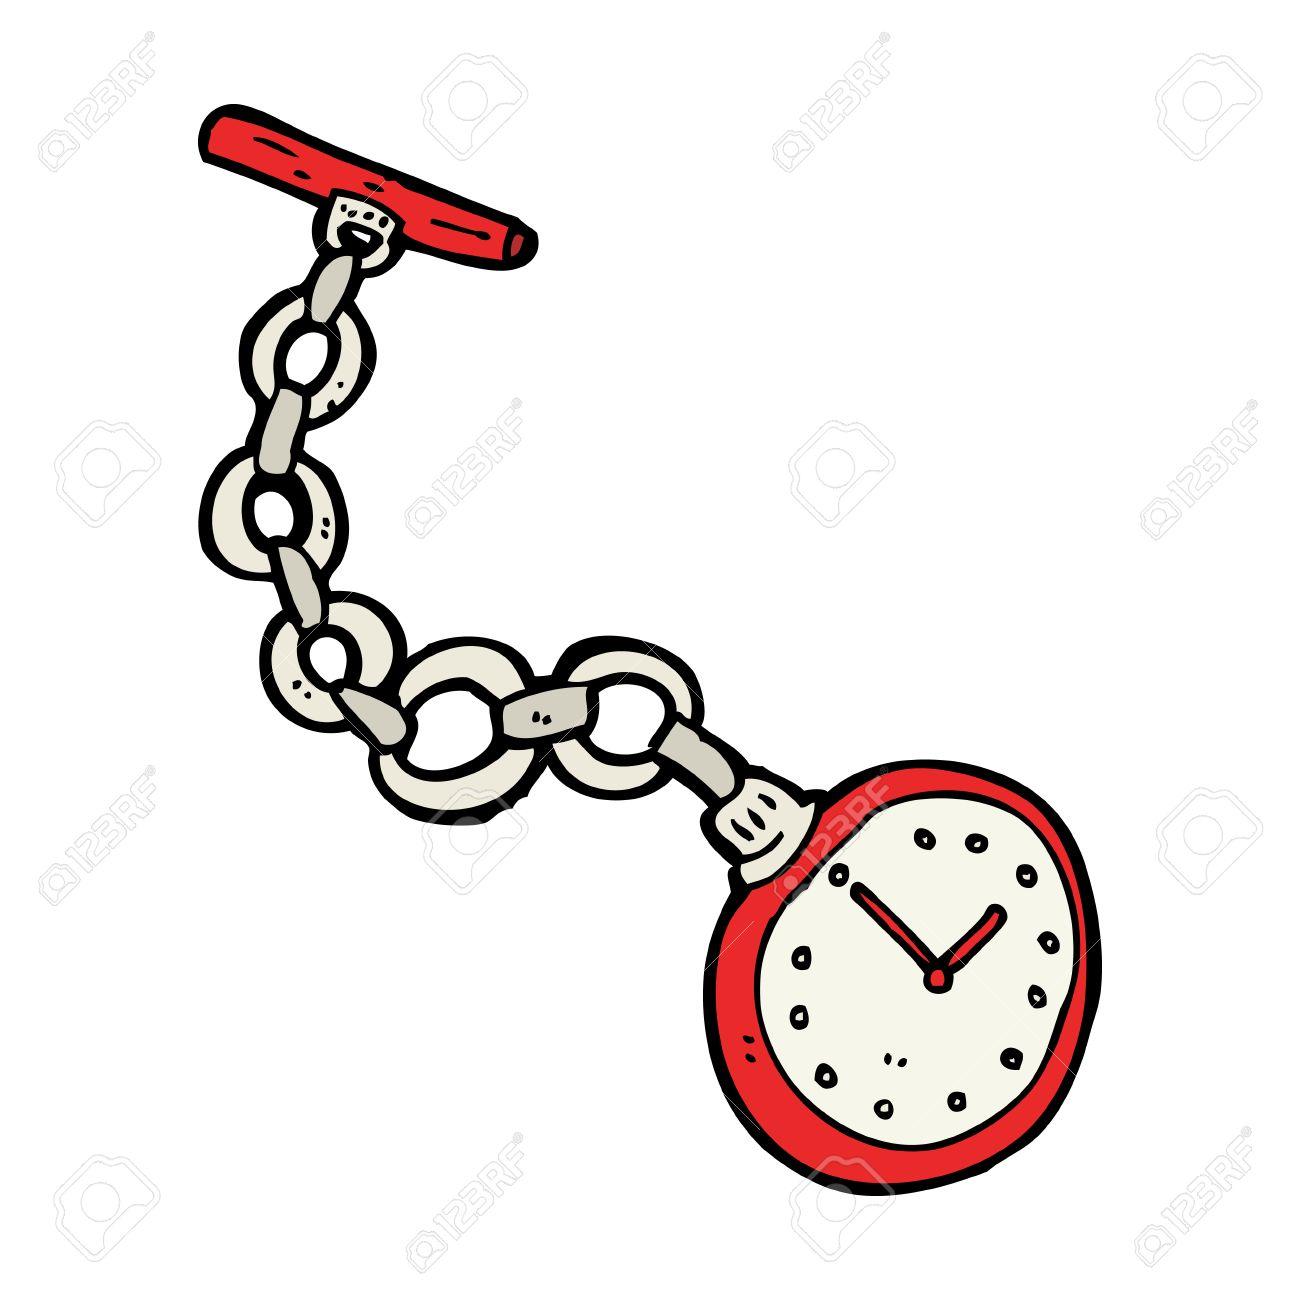 Foto de archivo , reloj de bolsillo de dibujos animados de edad